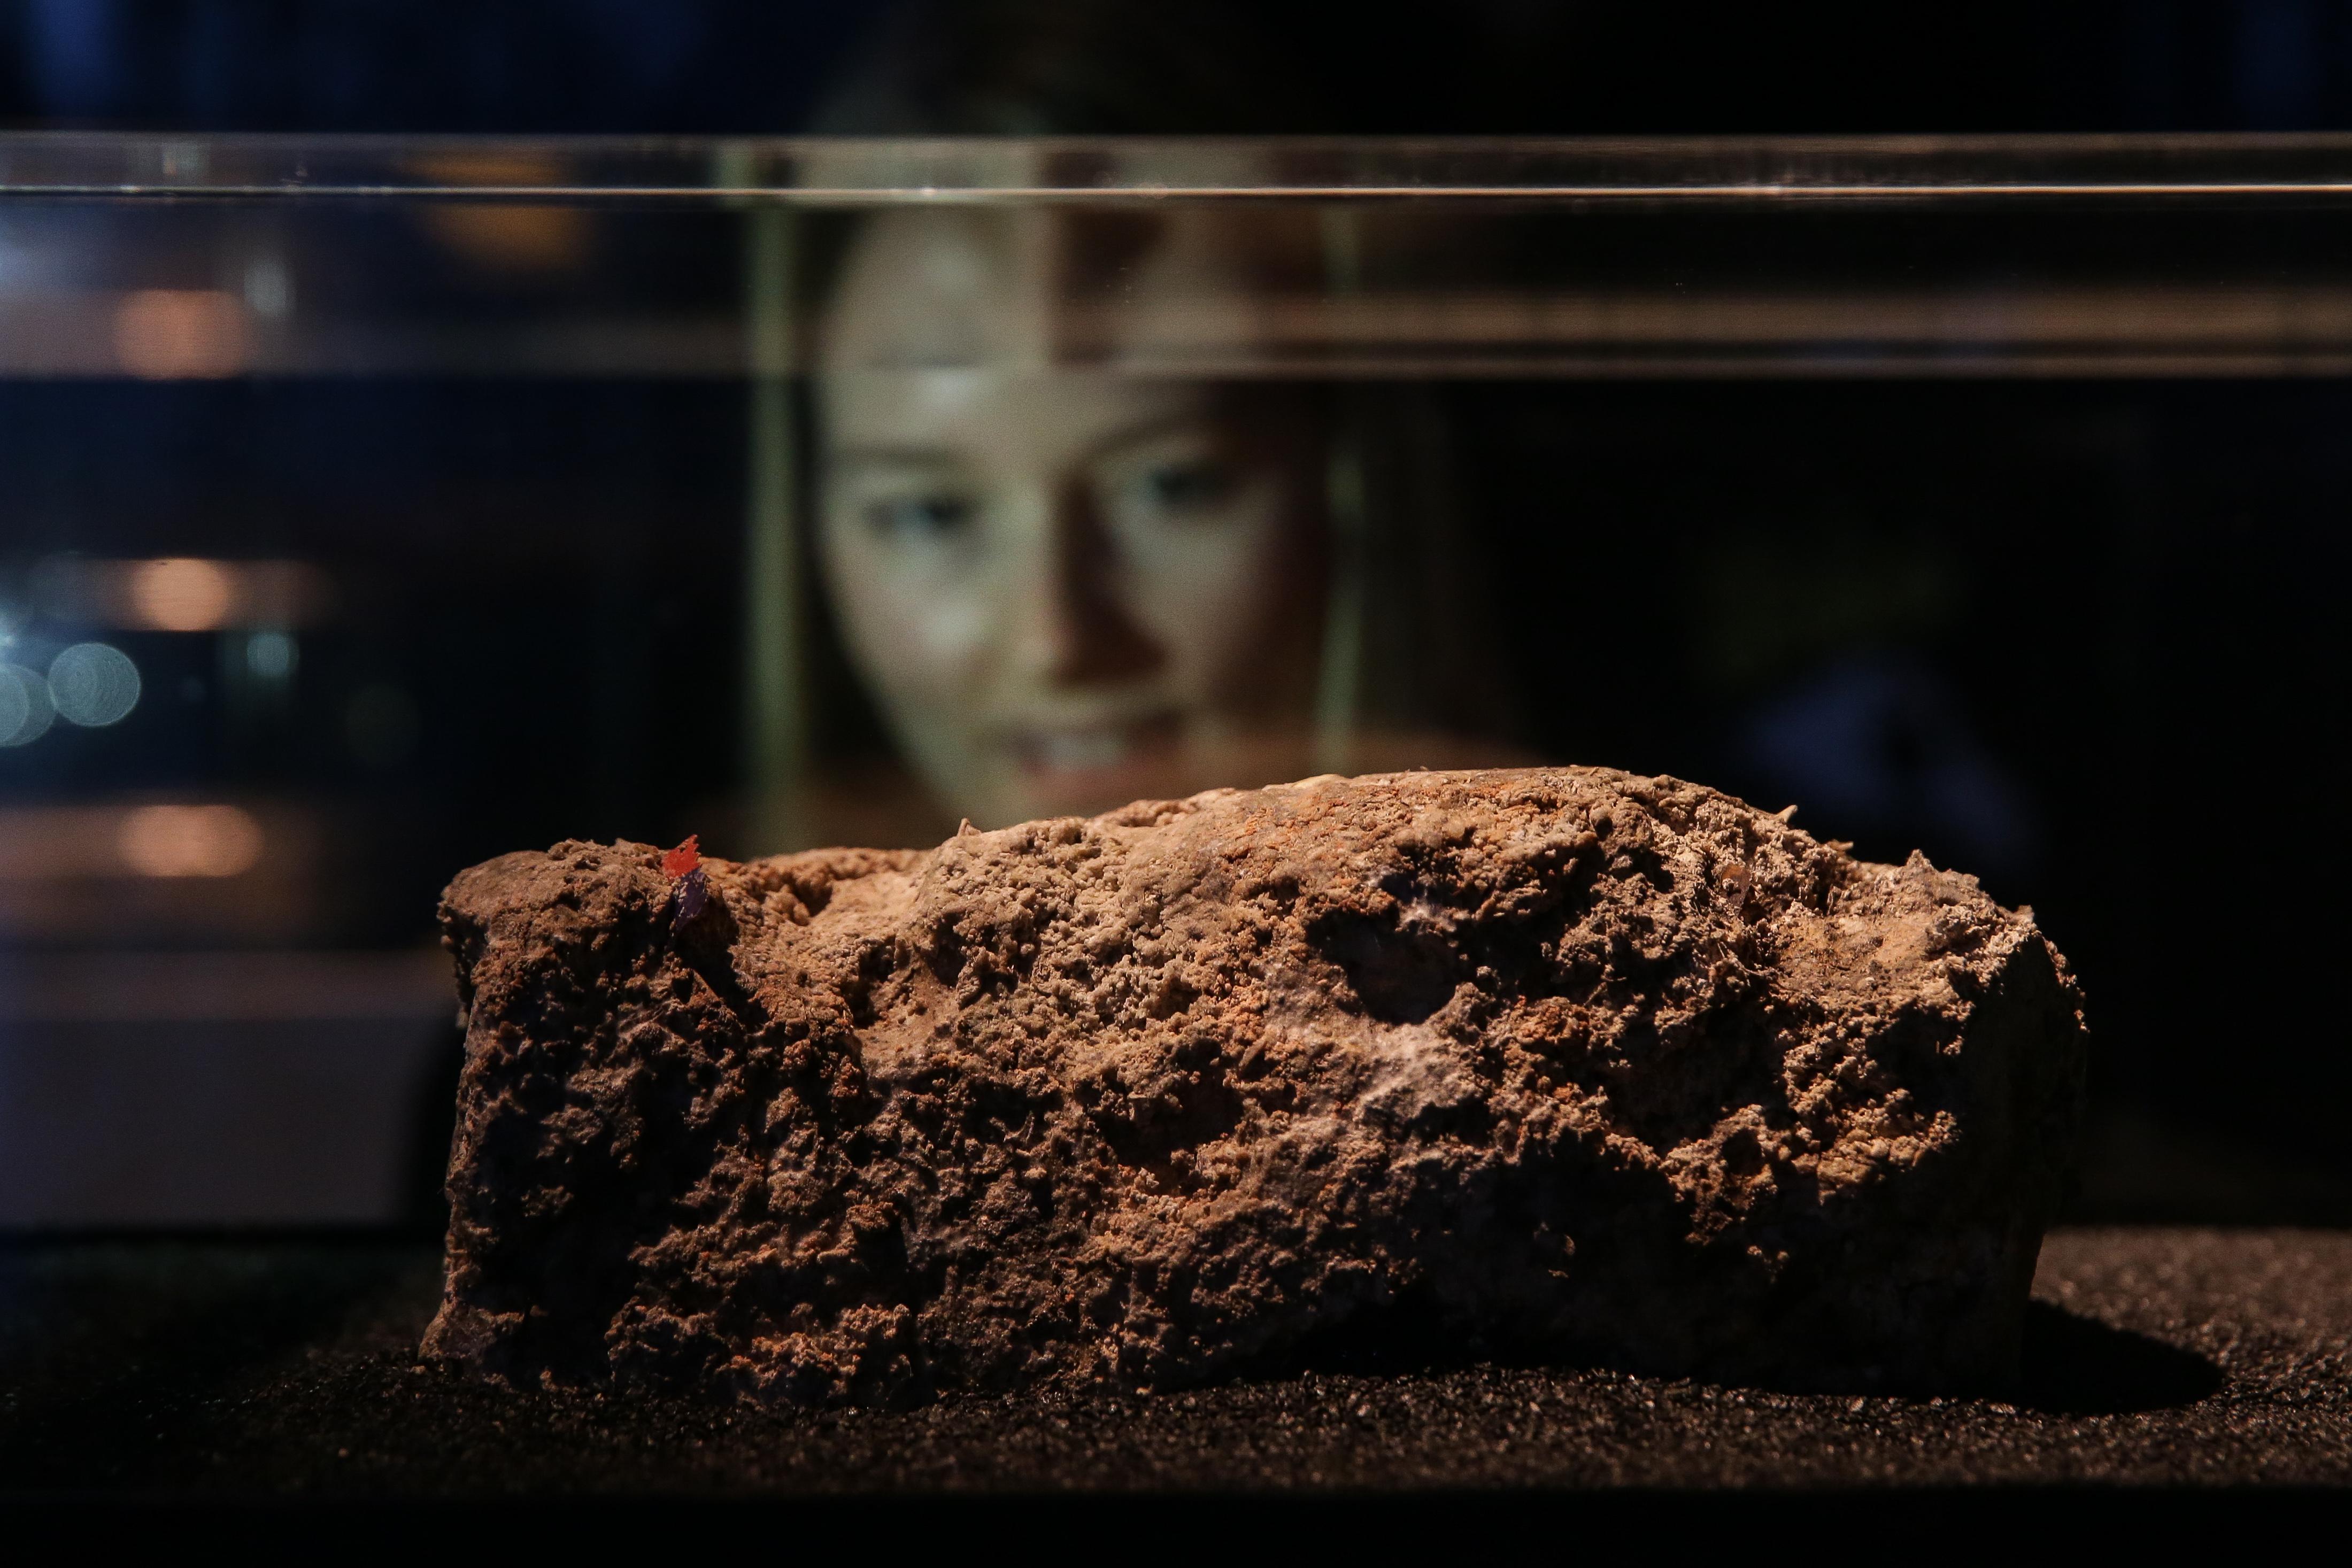 A közönség imádja a múzeumban kiállított, misztikus zsírhegyet